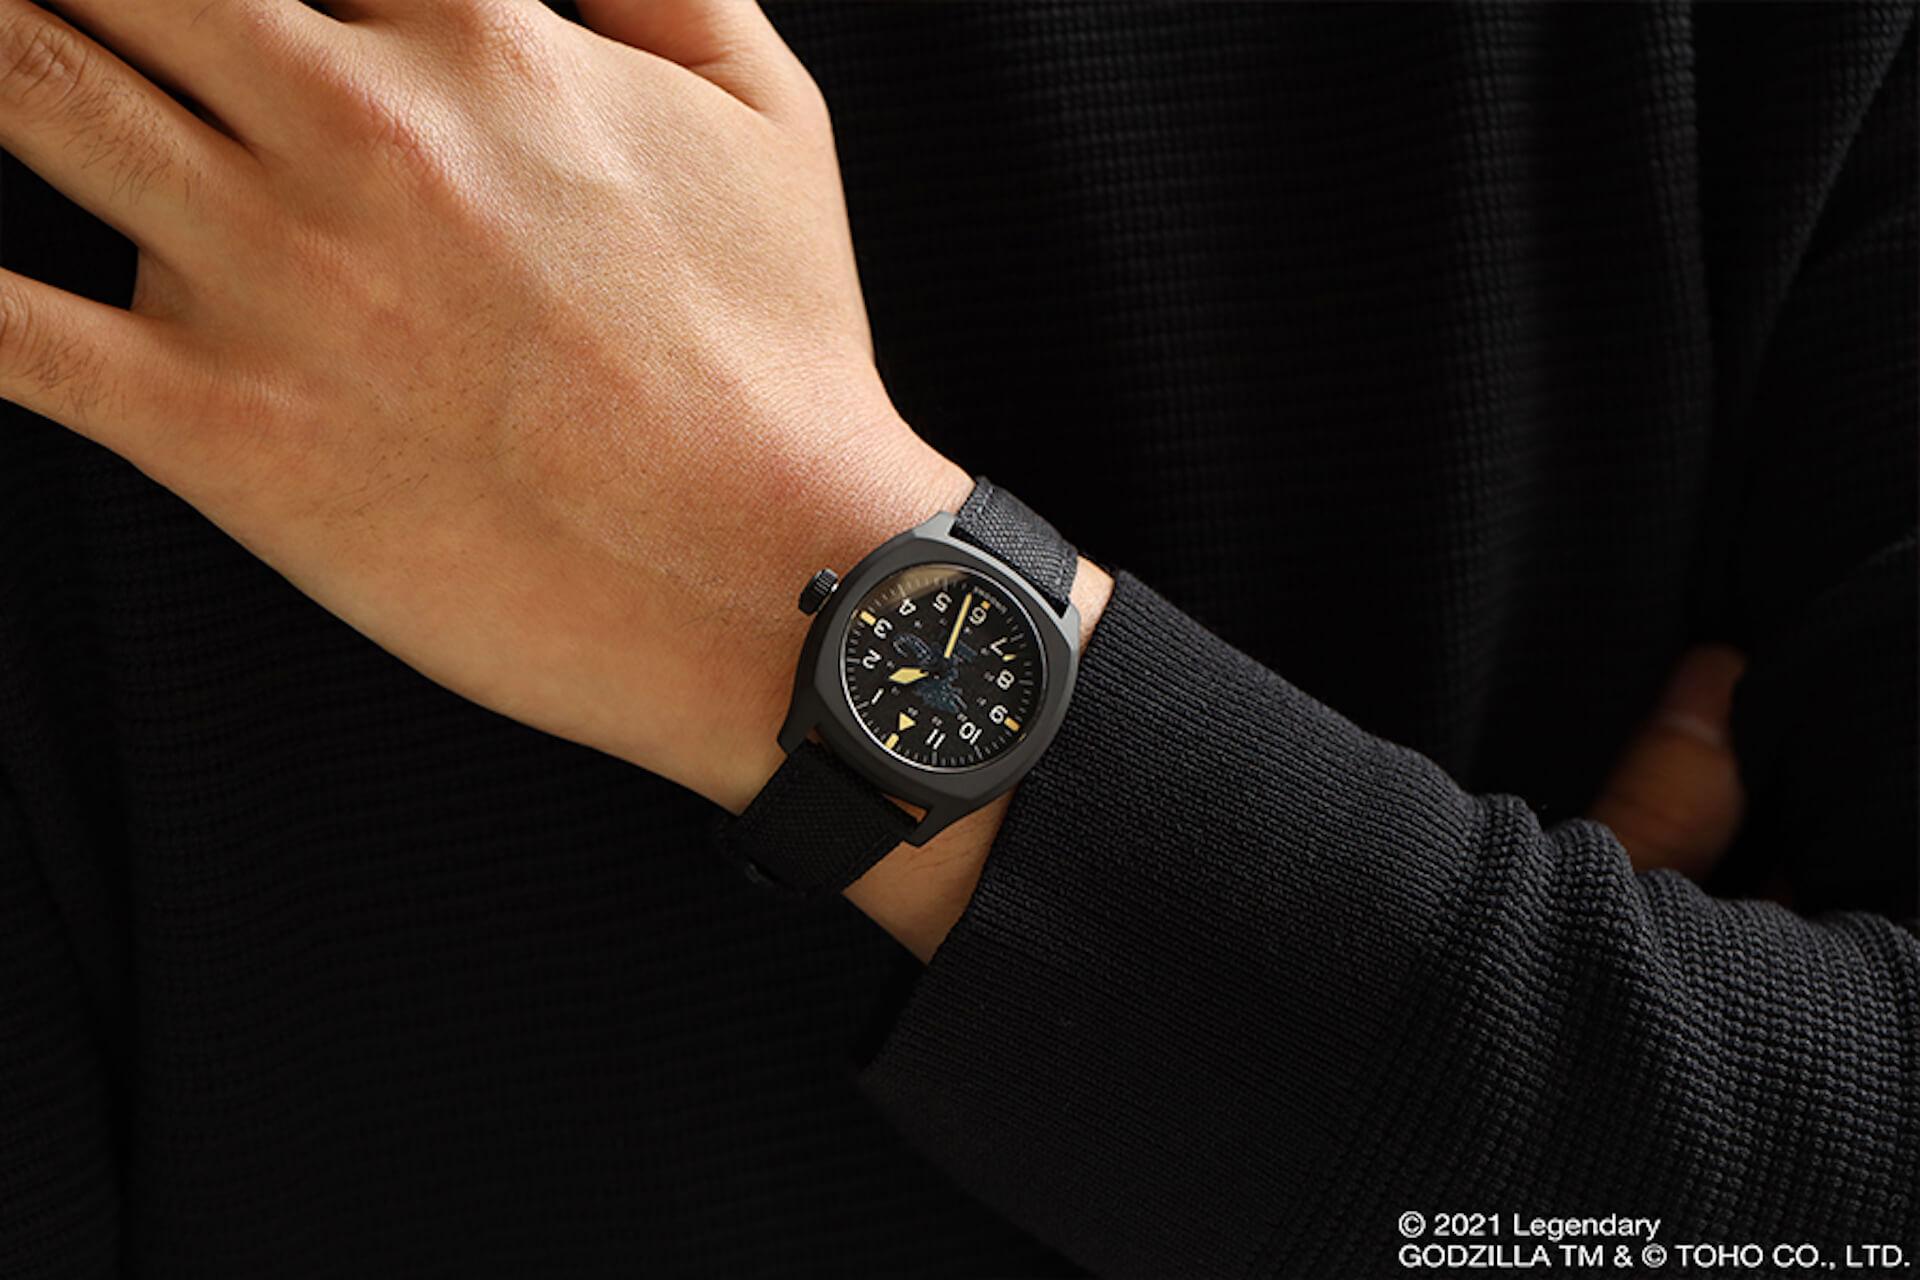 ゴジラとキングコングが腕時計に!UNDONEと『ゴジラvsコング』のコラボウォッチ2モデルが登場 tech210520_undone_godzilla_7